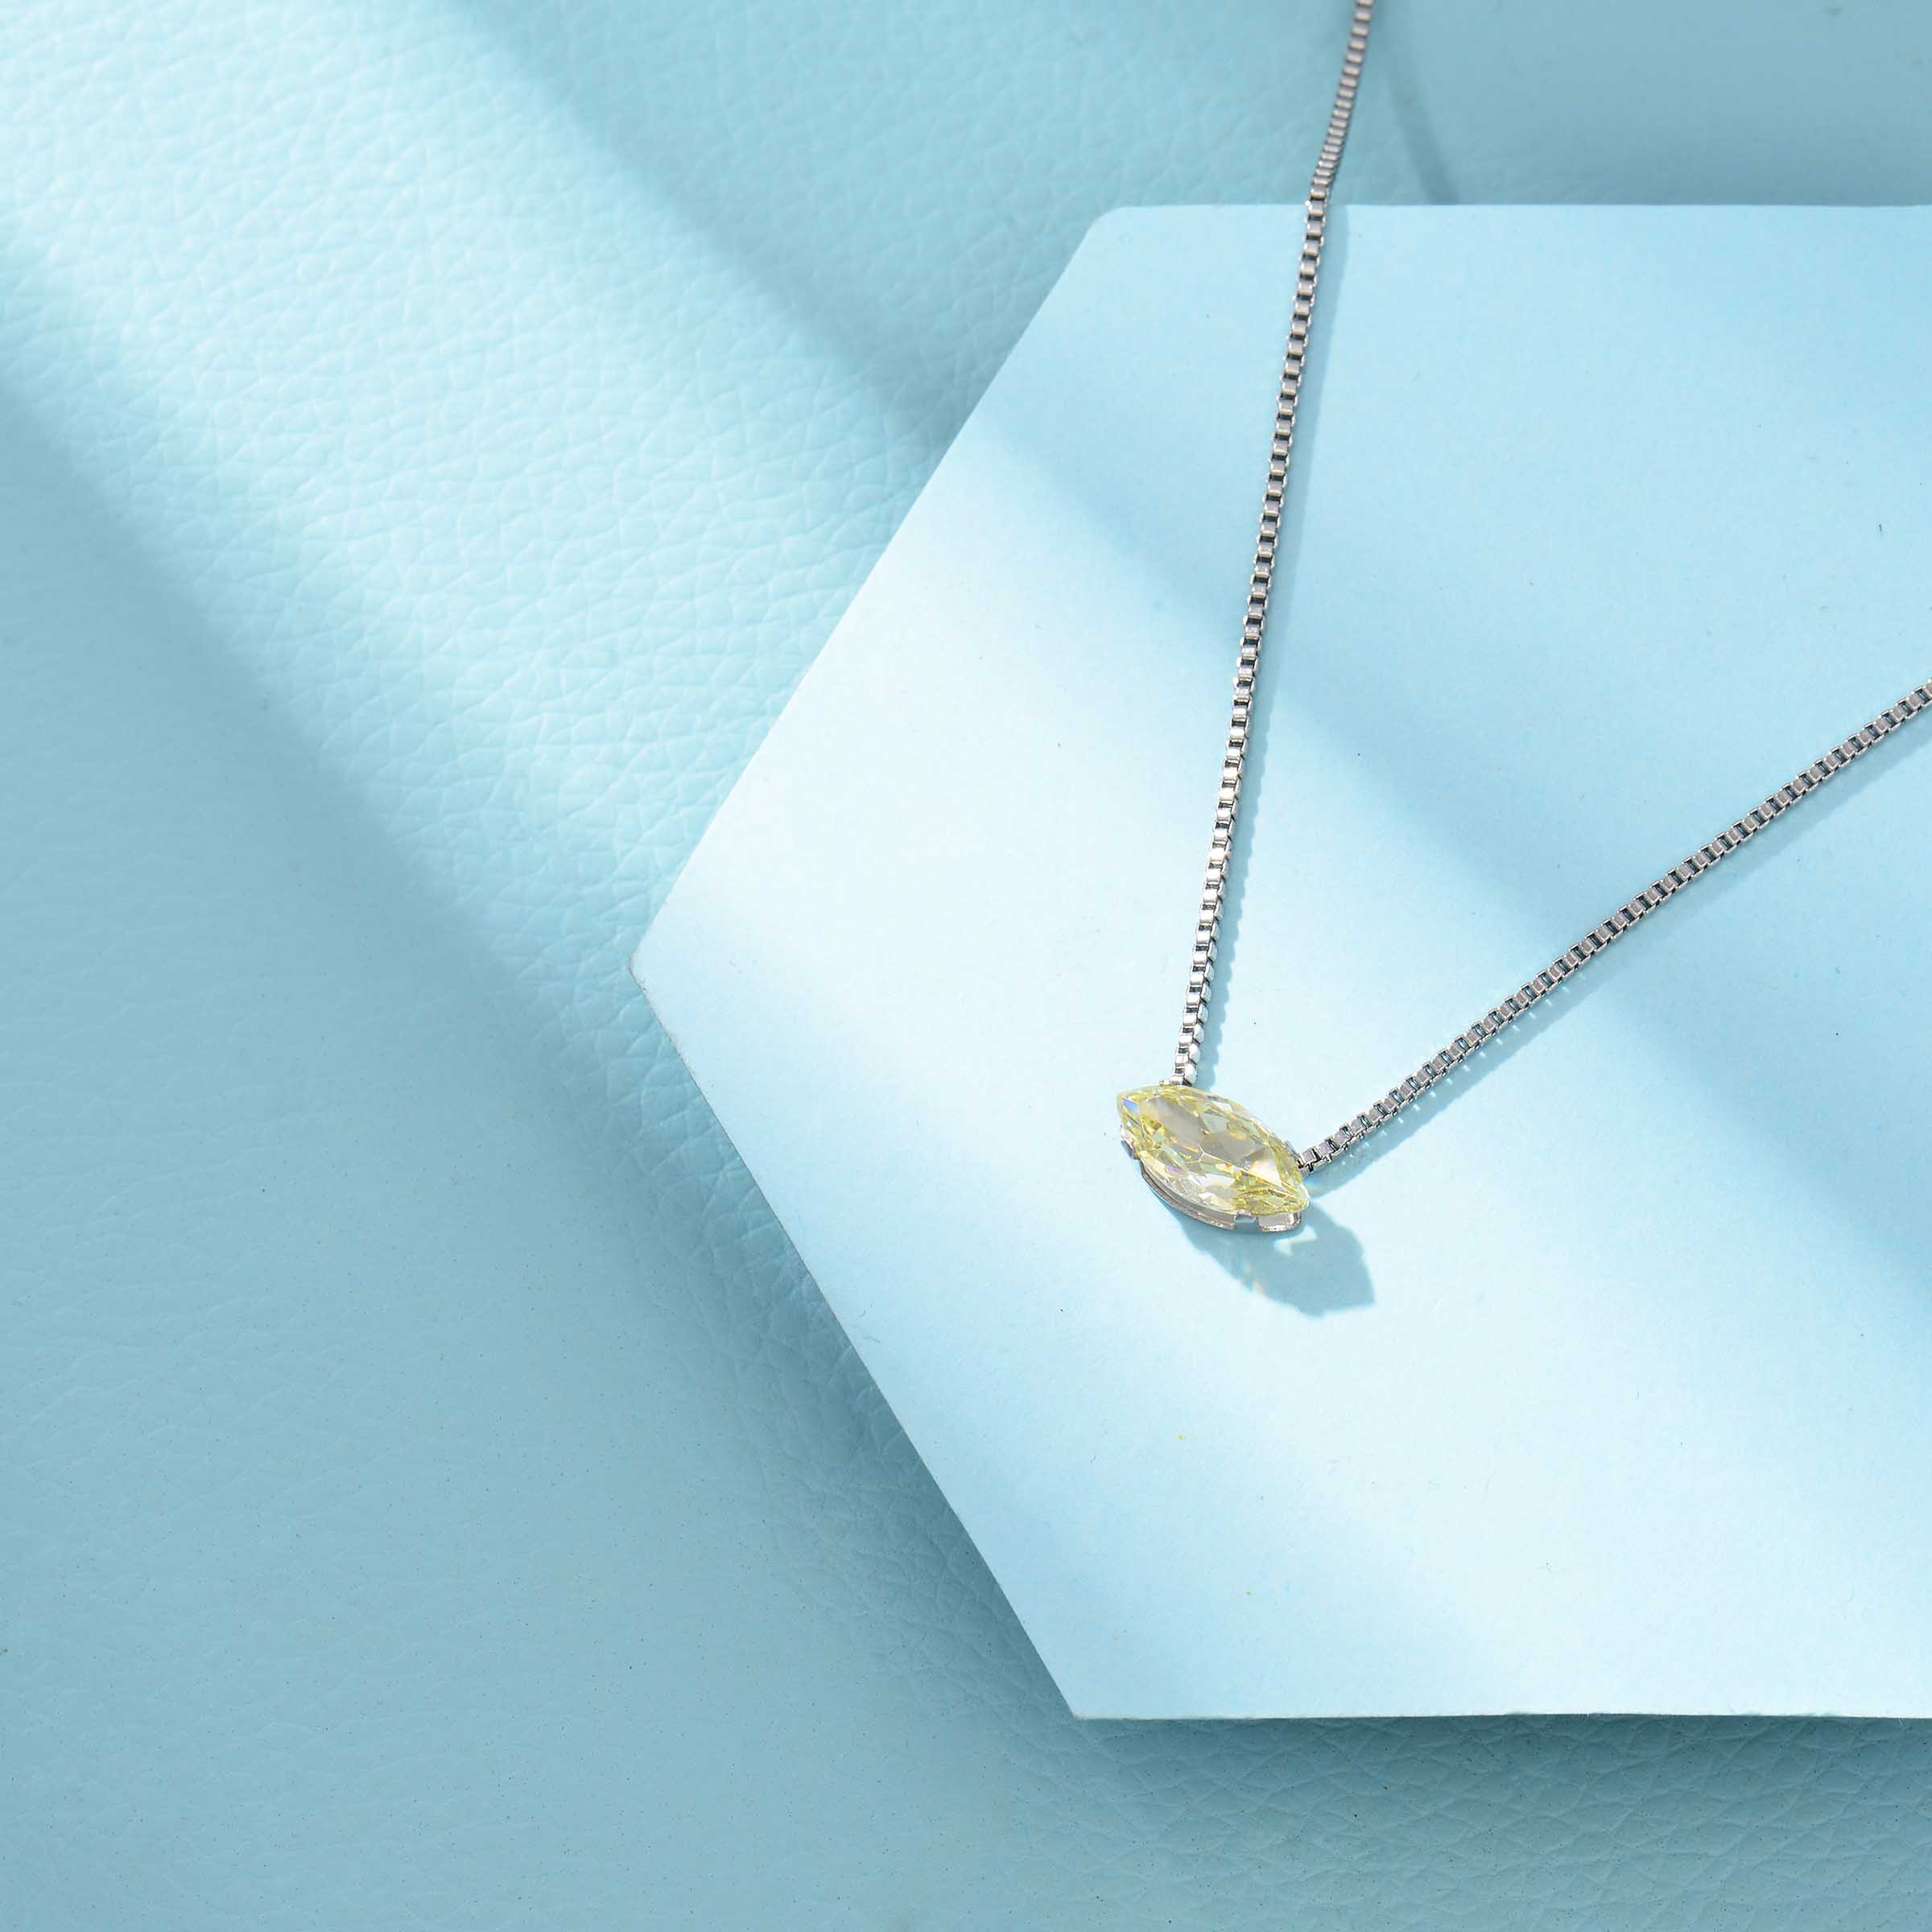 Collares de Acero Inoxidable para Mujer al por Mayor -SSNEG143-33856